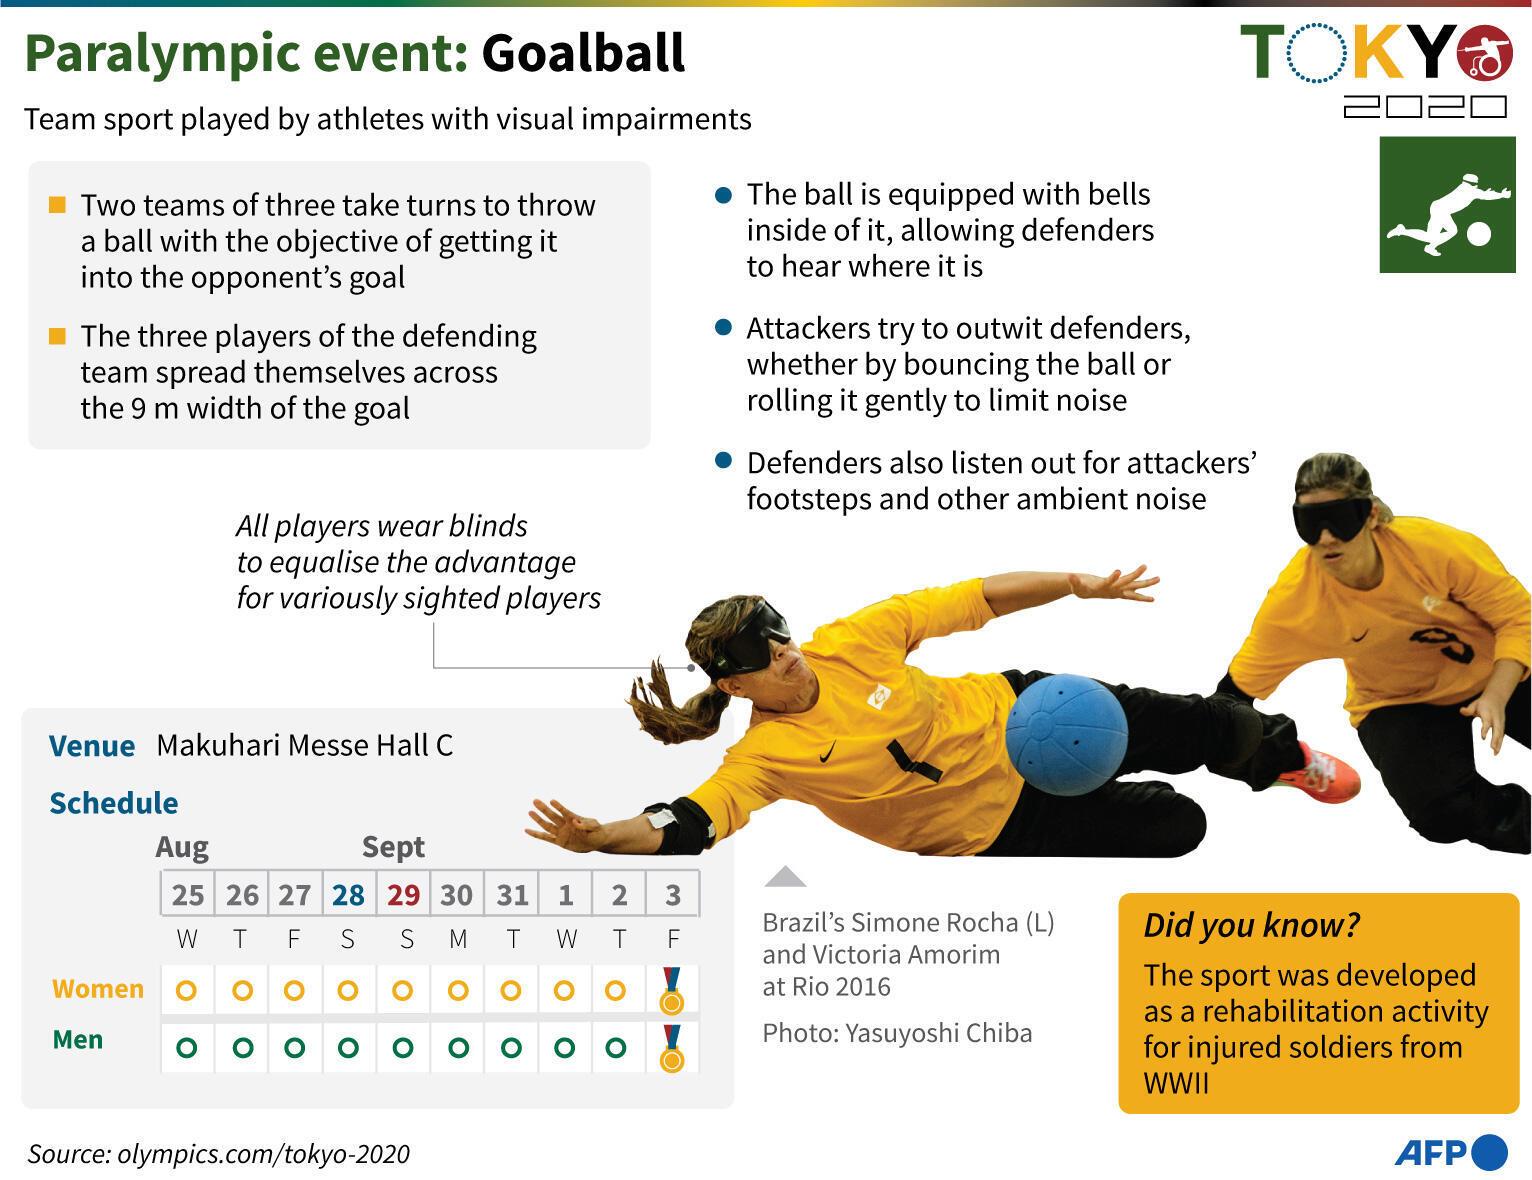 Épreuves paralympiques : Goalball